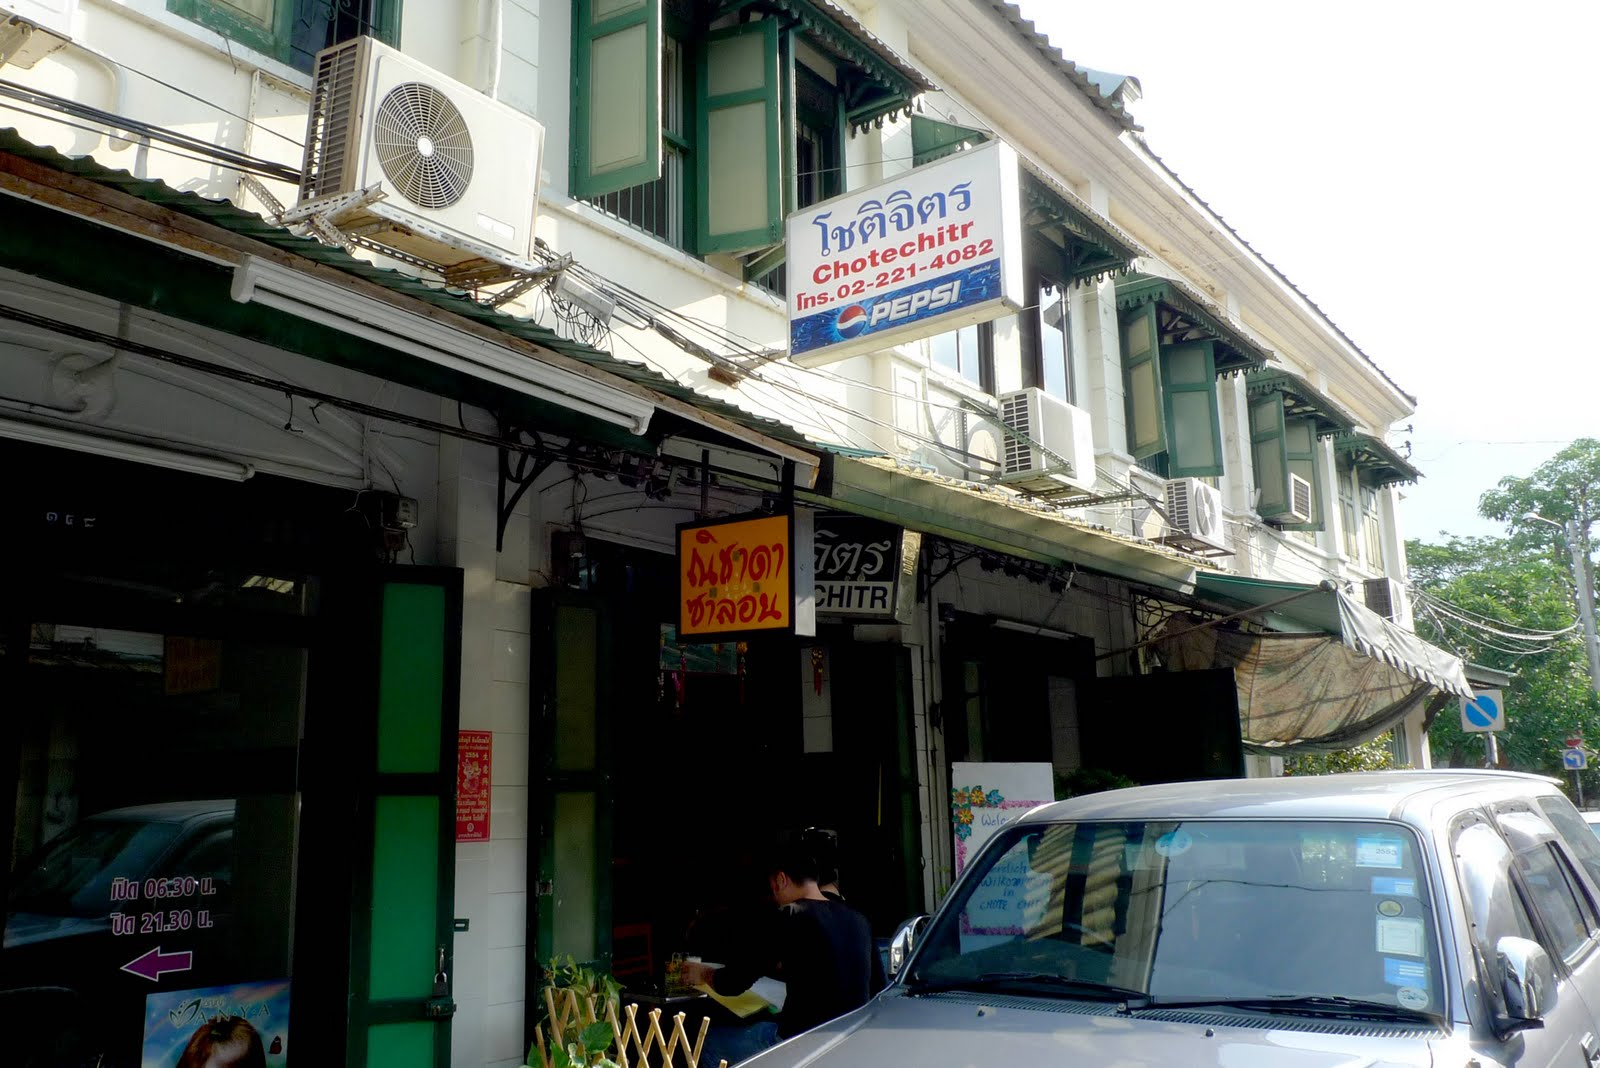 Arlington thai thai restaurant arlington wa 98223 for Arlington thai cuisine